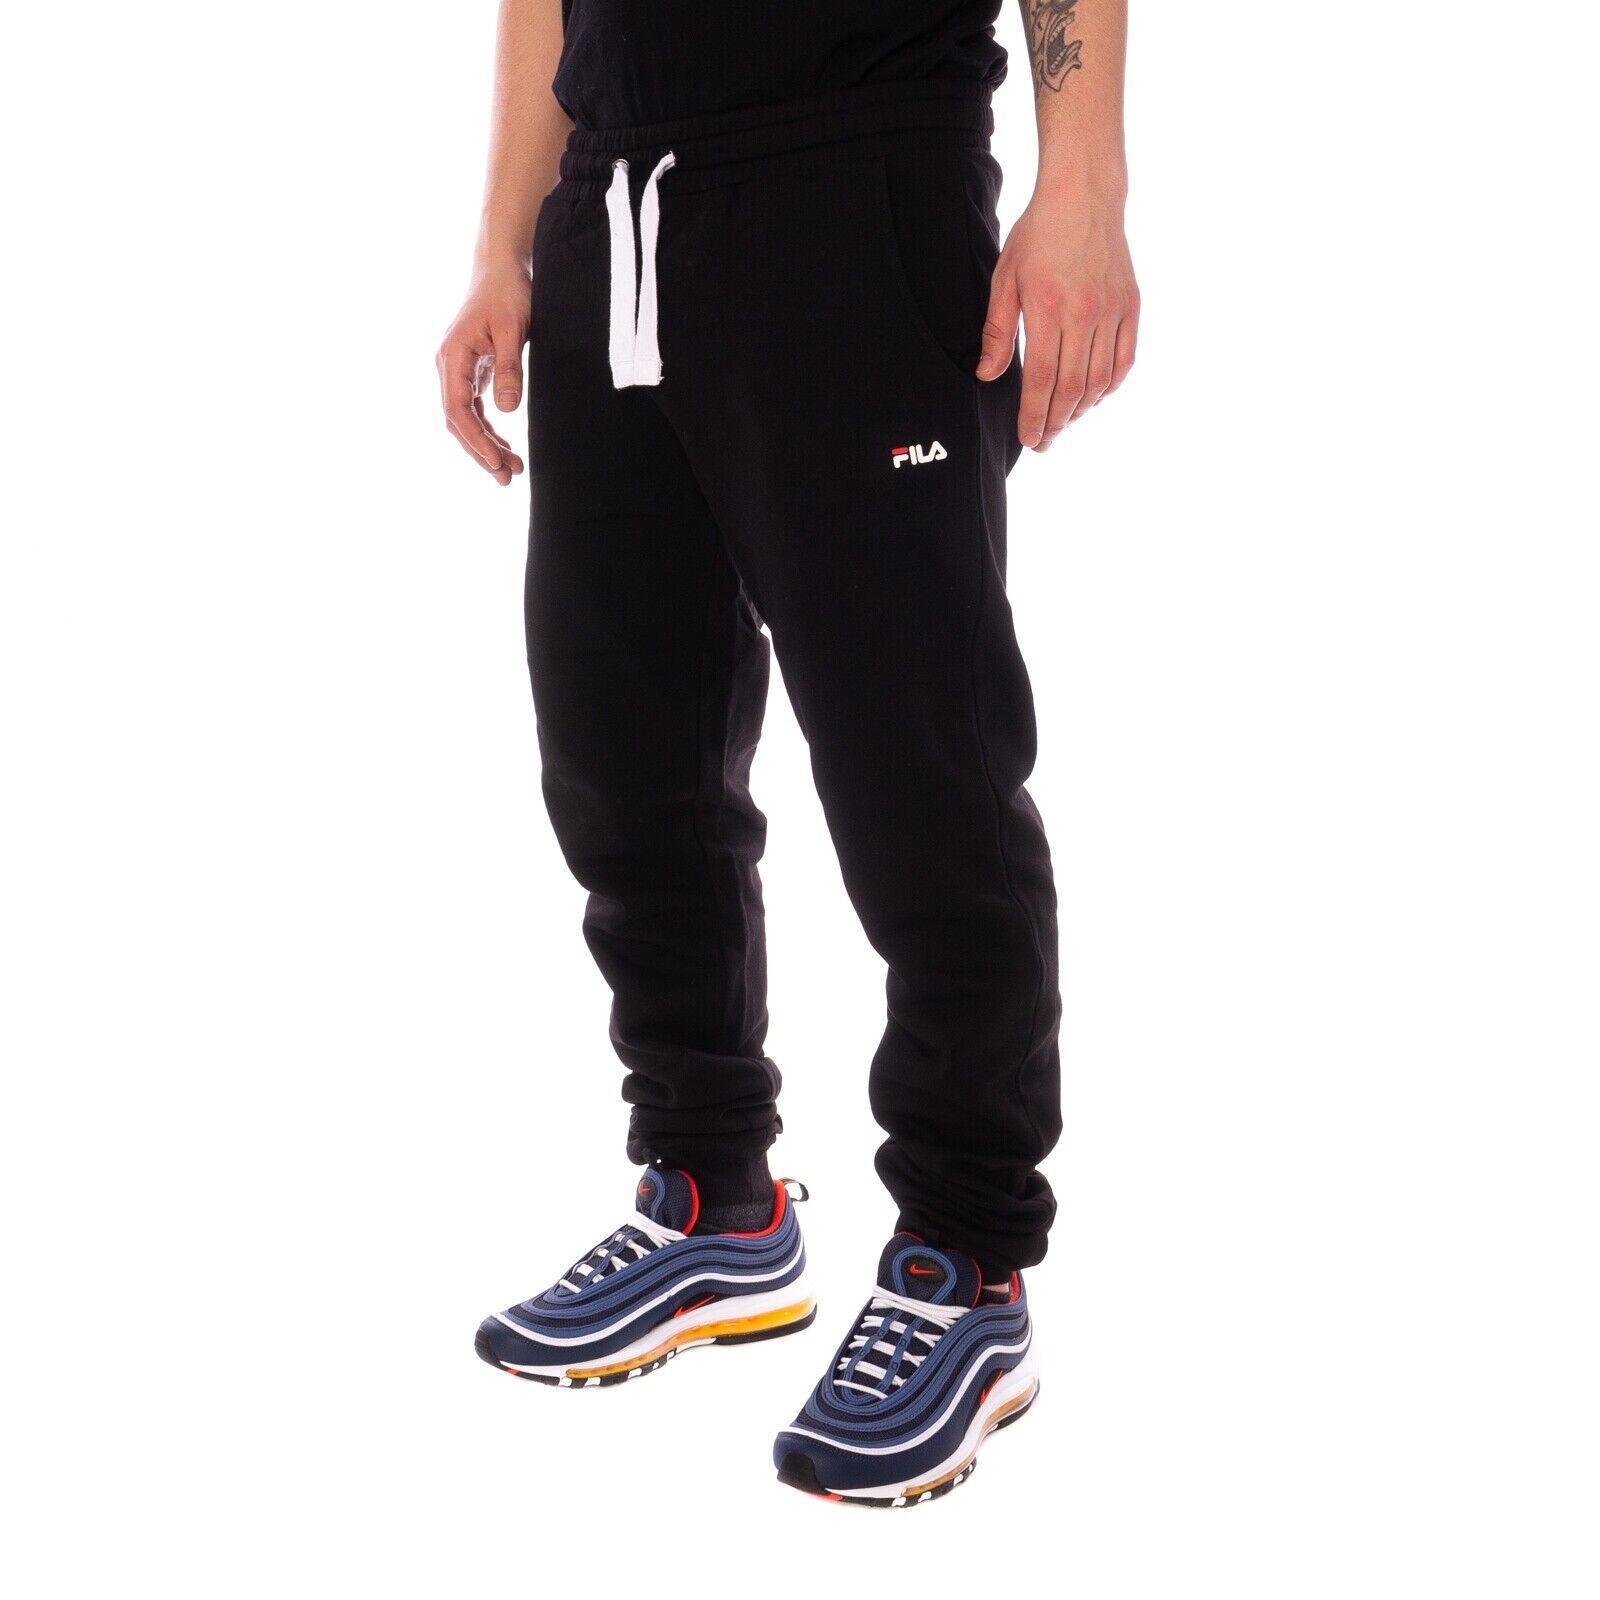 Fila Classic Slim Pants Hose Herren Jogginghosen schwarz 16086